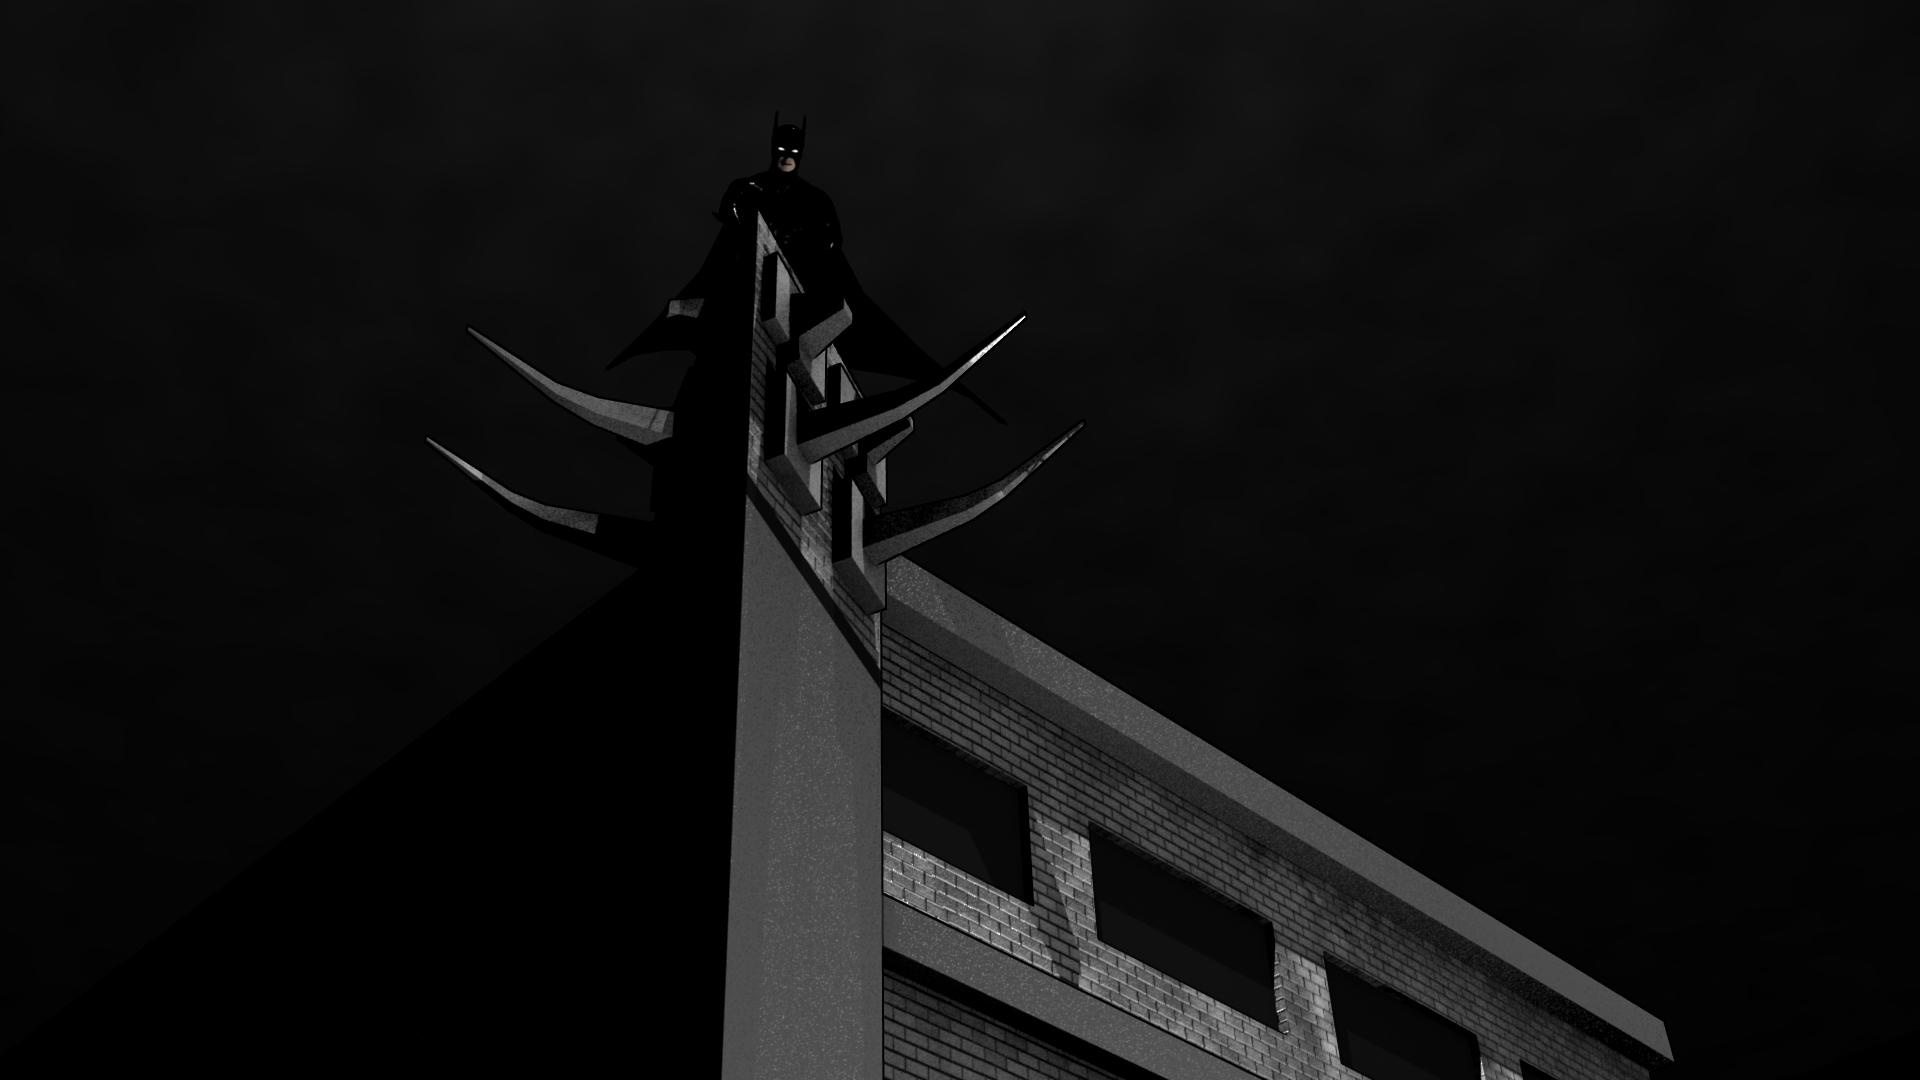 http://fc04.deviantart.com/fs32/f/2008/200/1/4/roof_top_watcher_by_TheTrueDarkOtaku.jpg